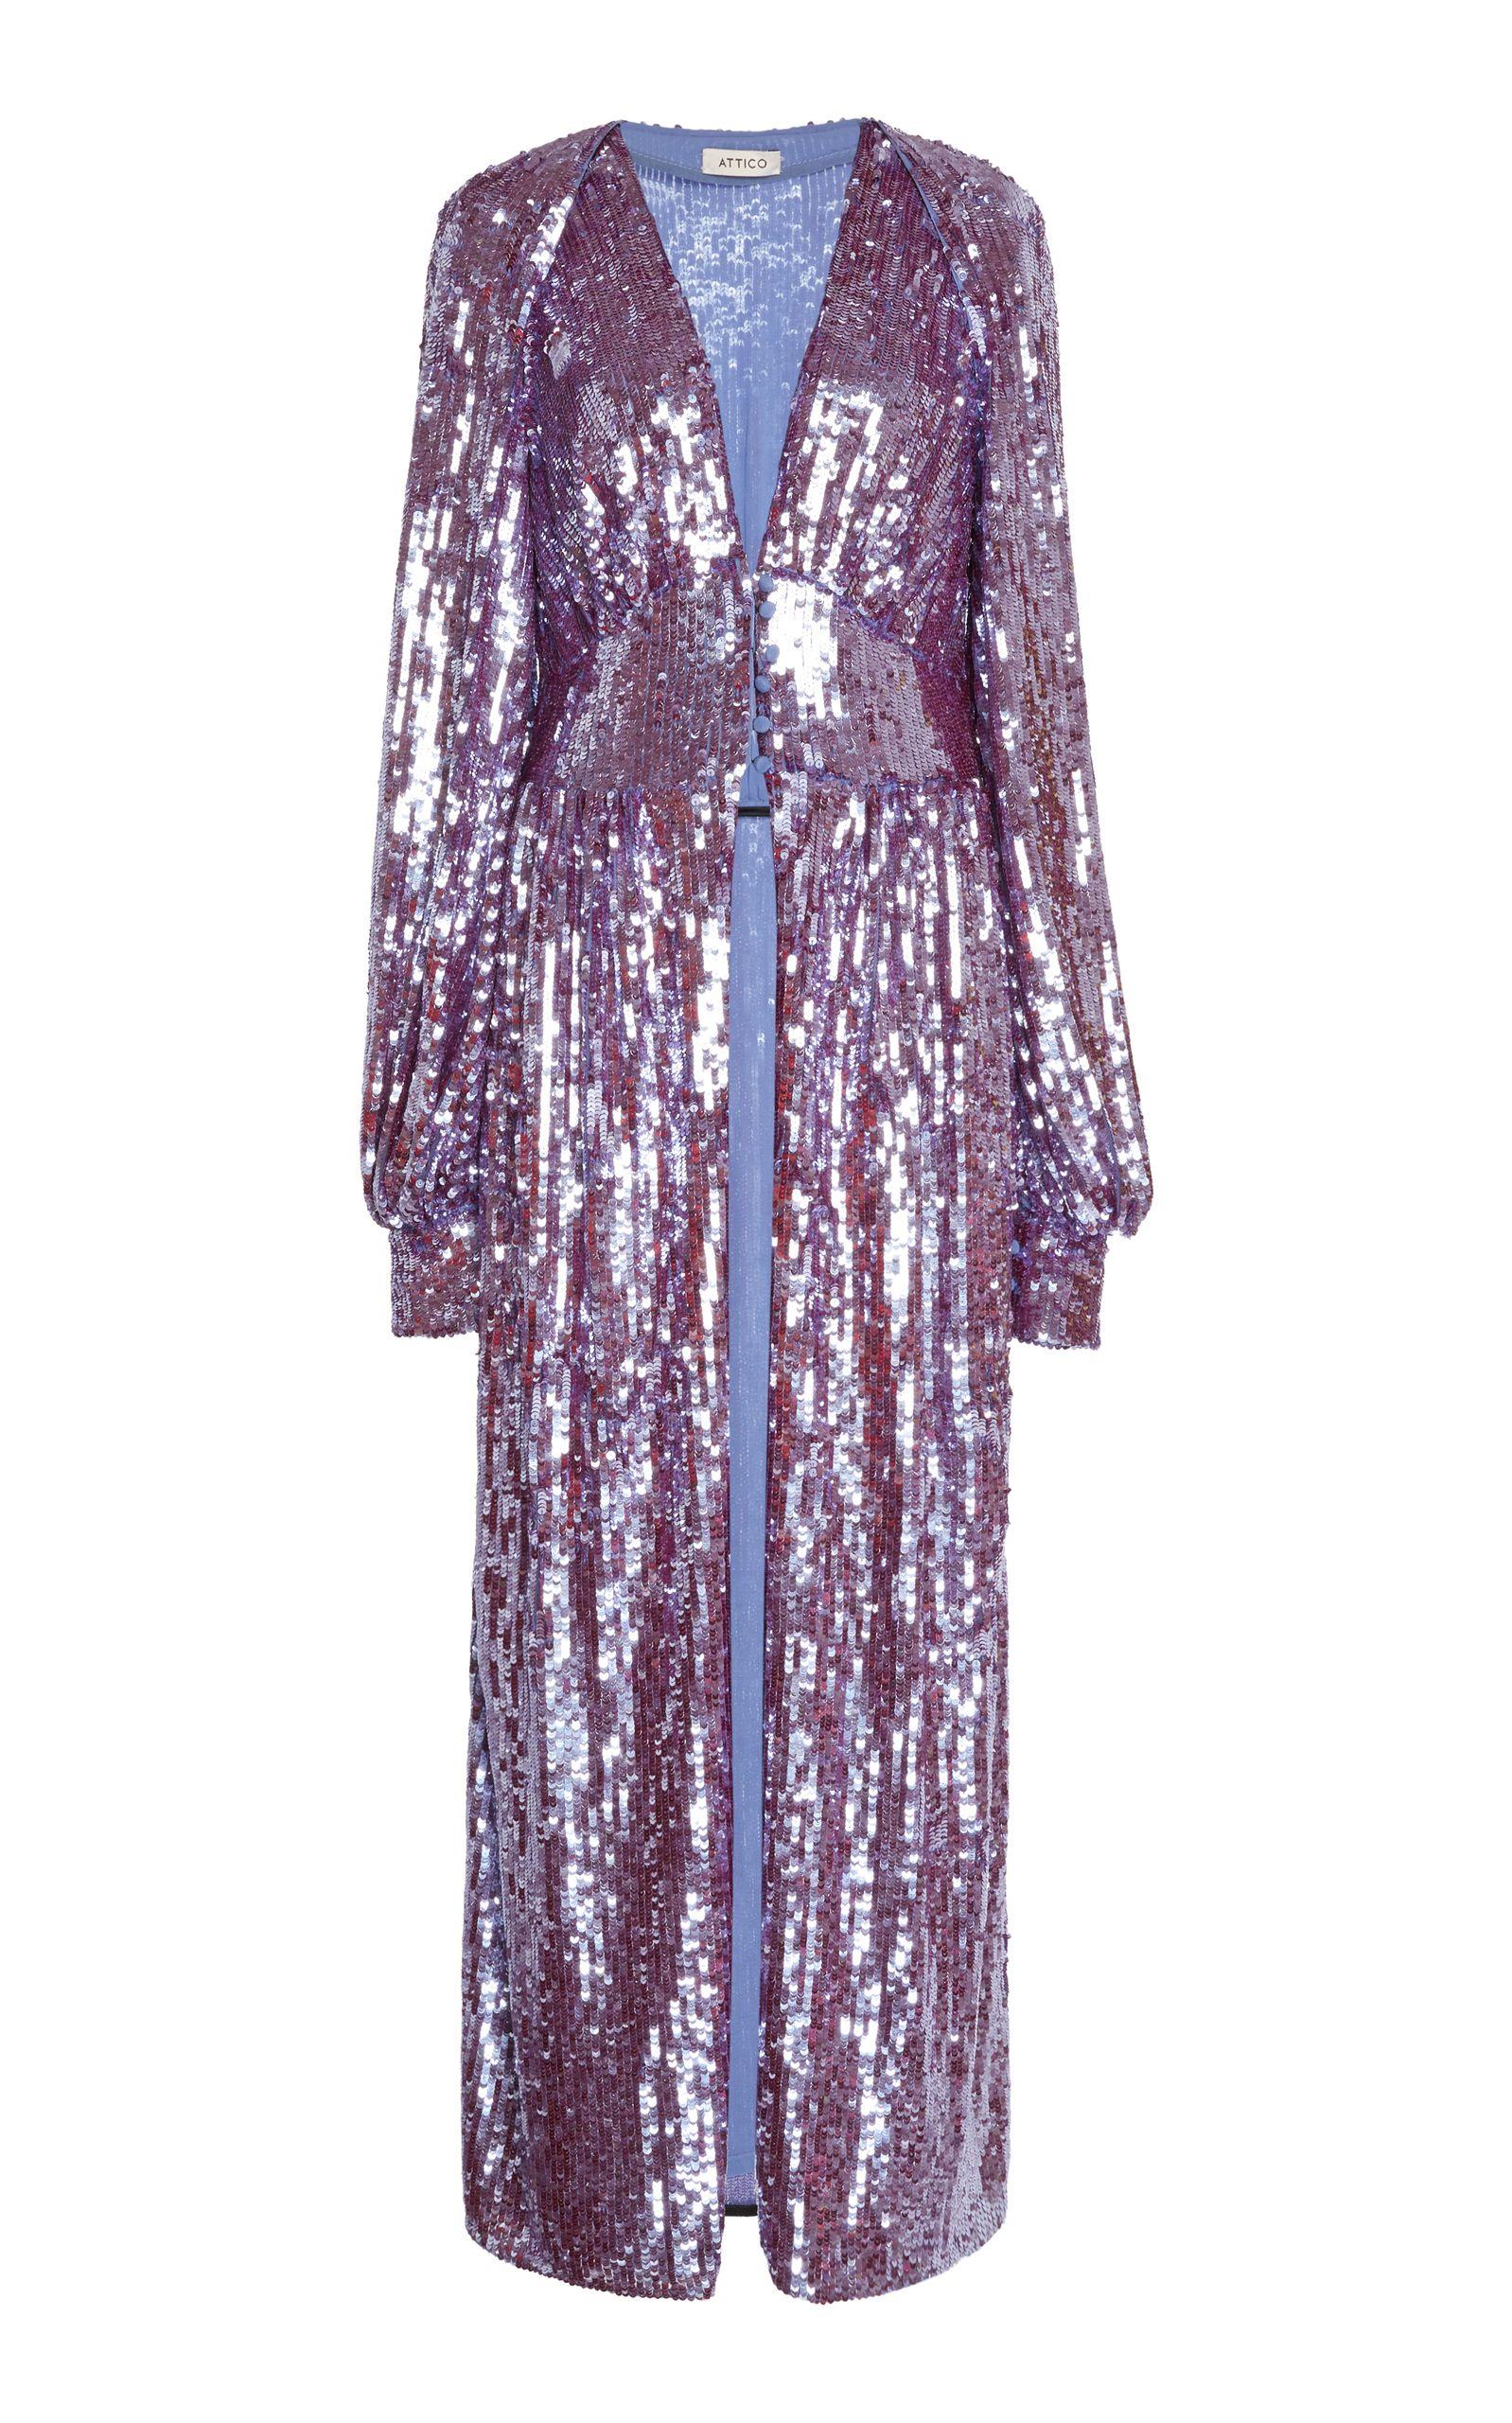 80ef3b823e8d9 Long Sequin Dress | Getups | Long sequin dress, Sequin dress, Dresses